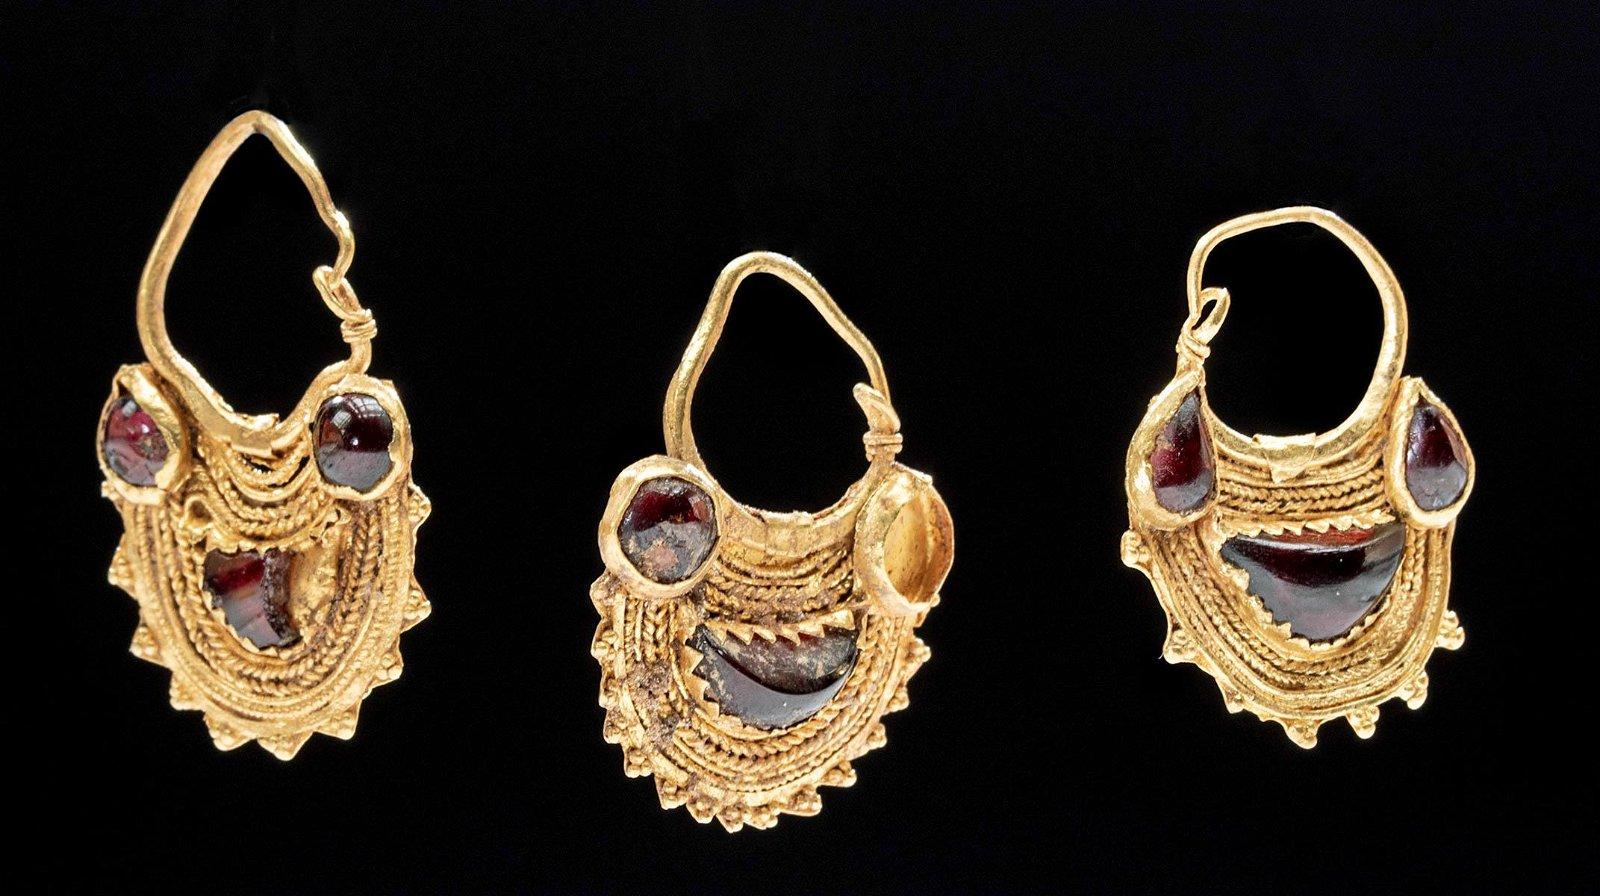 Parthian / East Roman 22K+ Gold / Garnet Earrings (3)